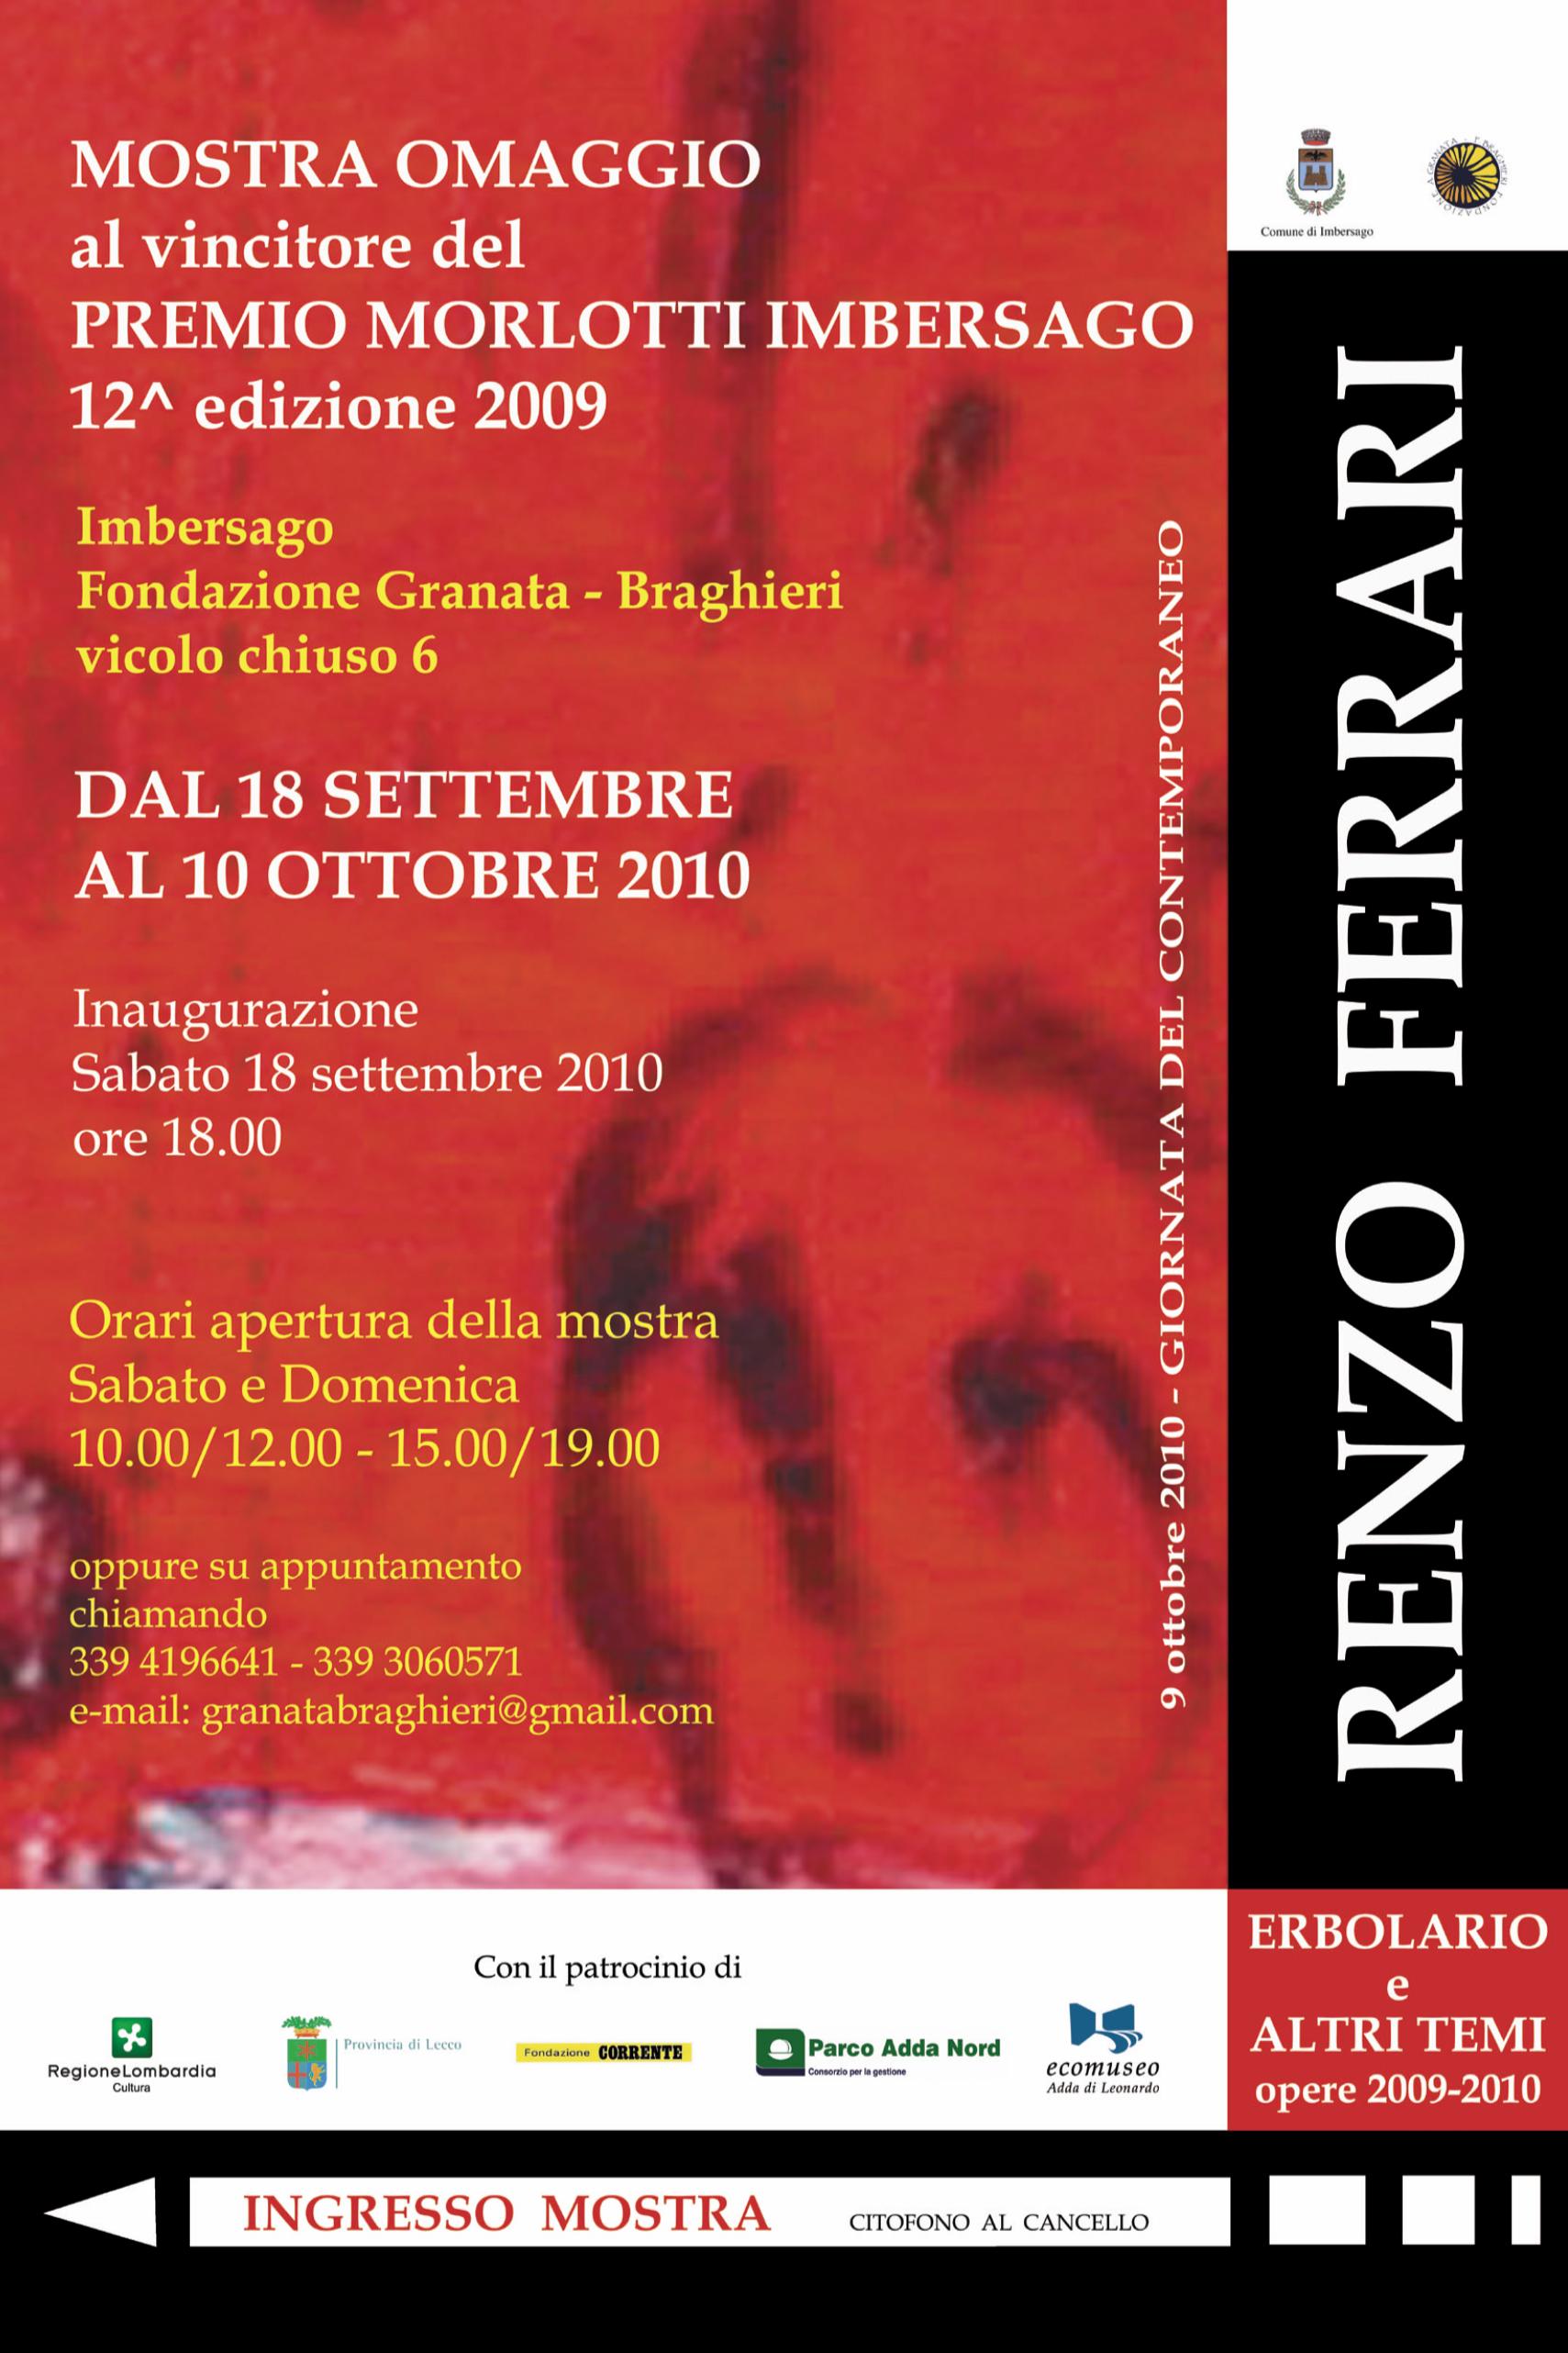 Erbolario e altri temi. Opere 2009 -2010 di Renzo Ferrari